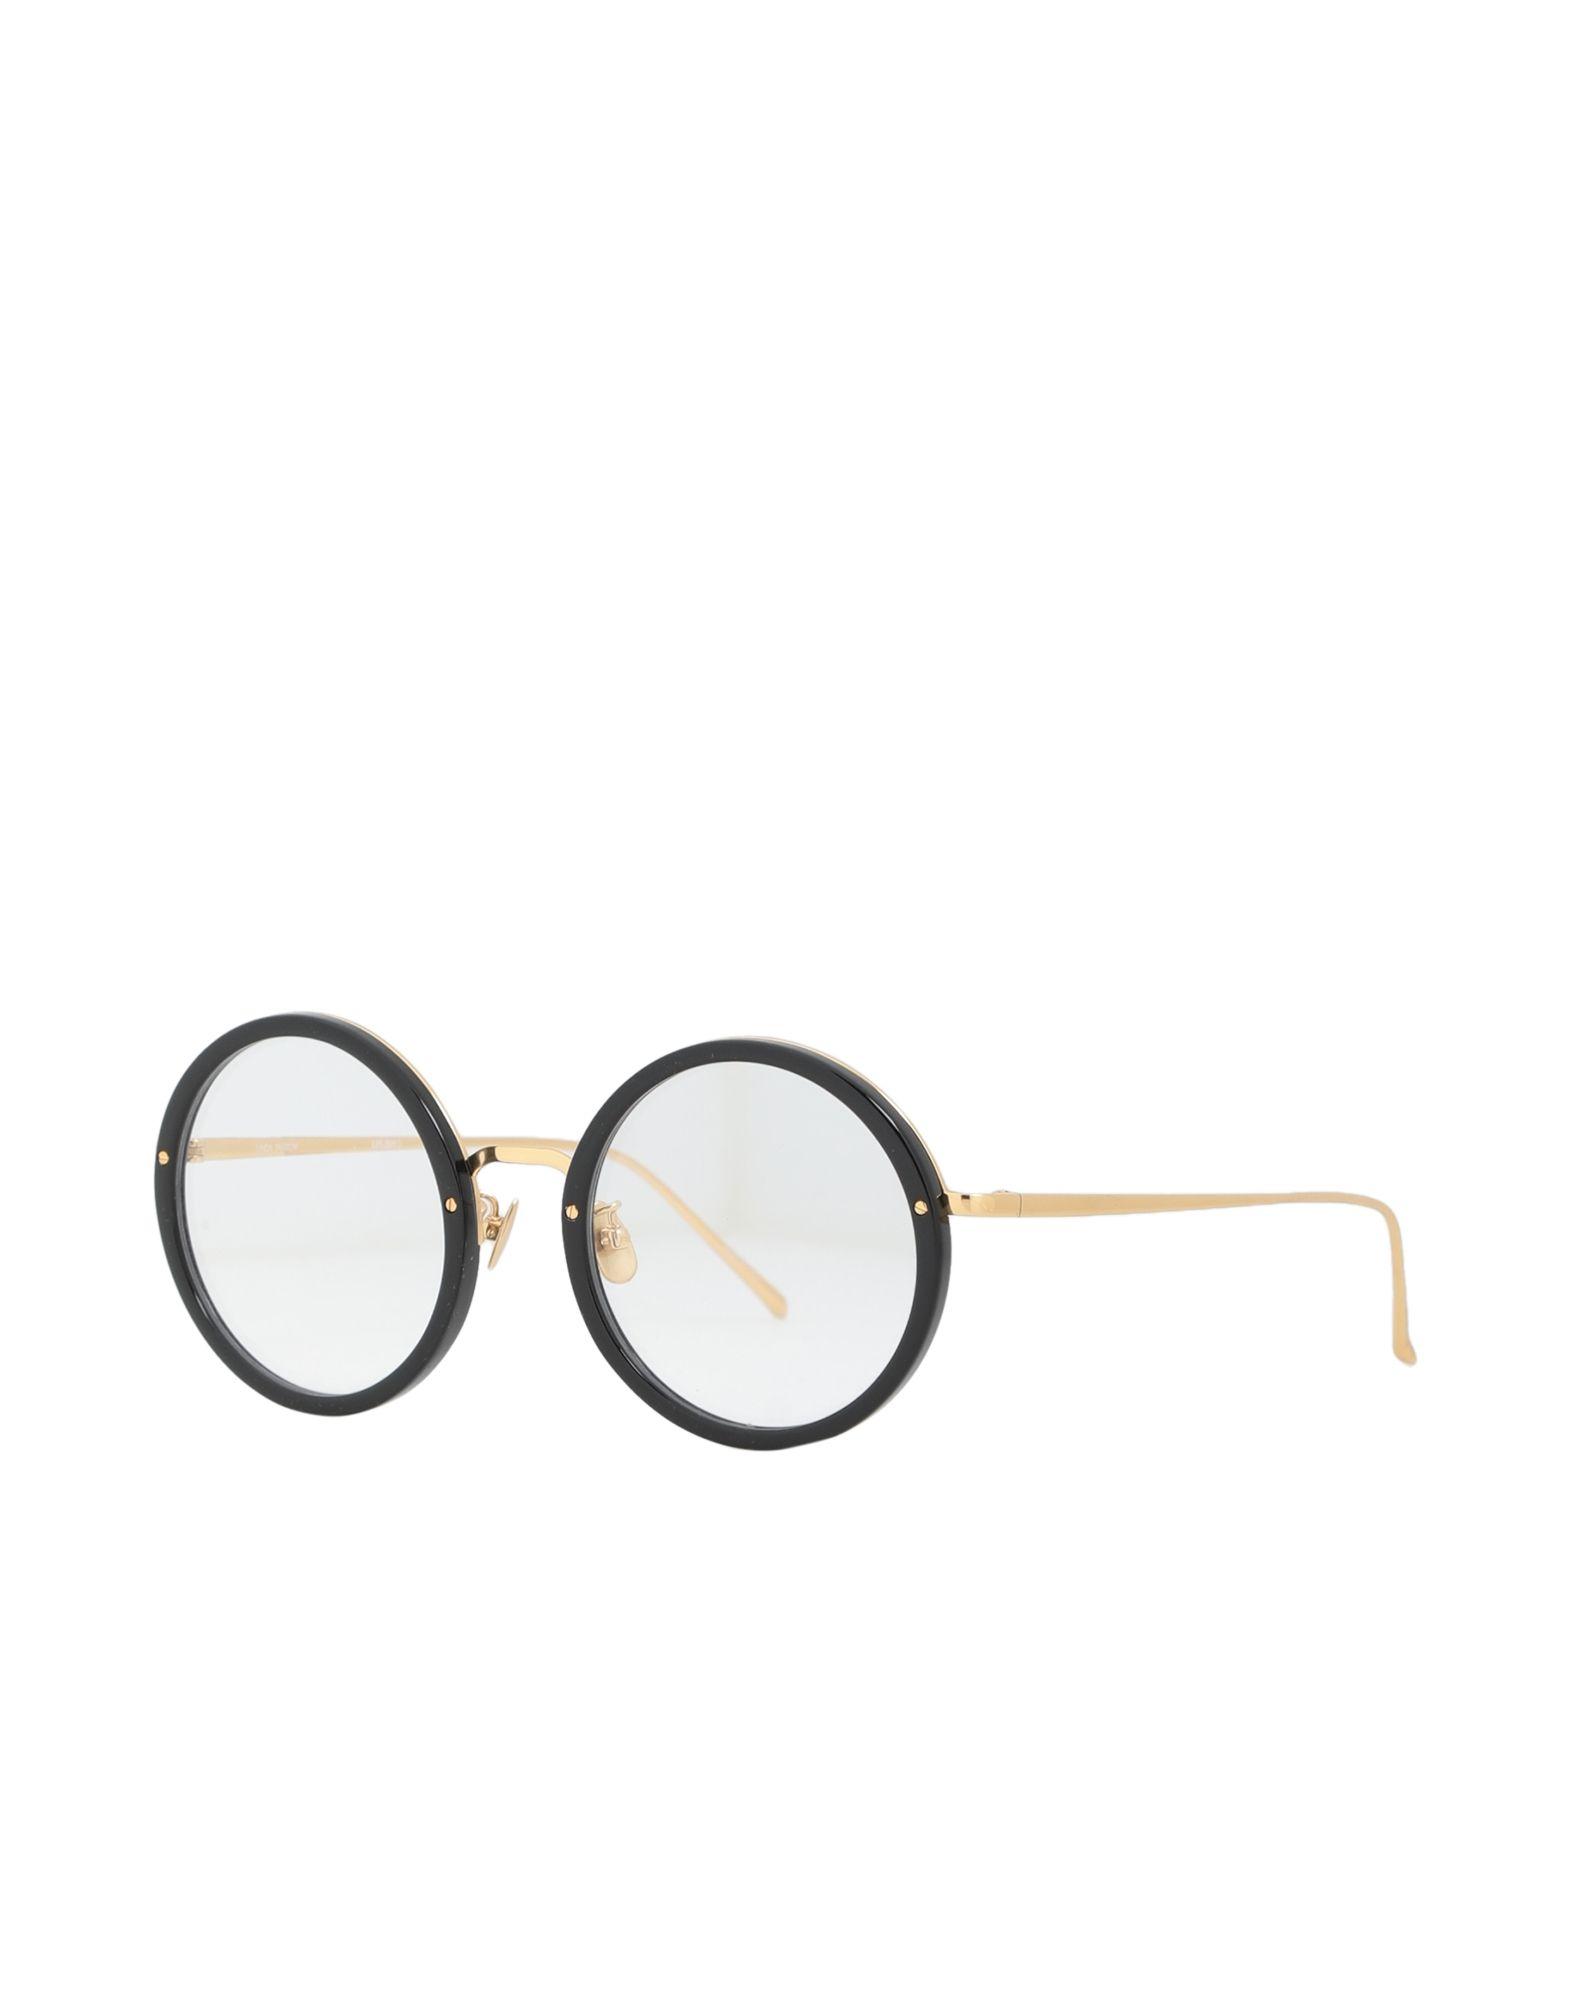 LINDA FARROW Damen Brille Farbe Schwarz Größe 9